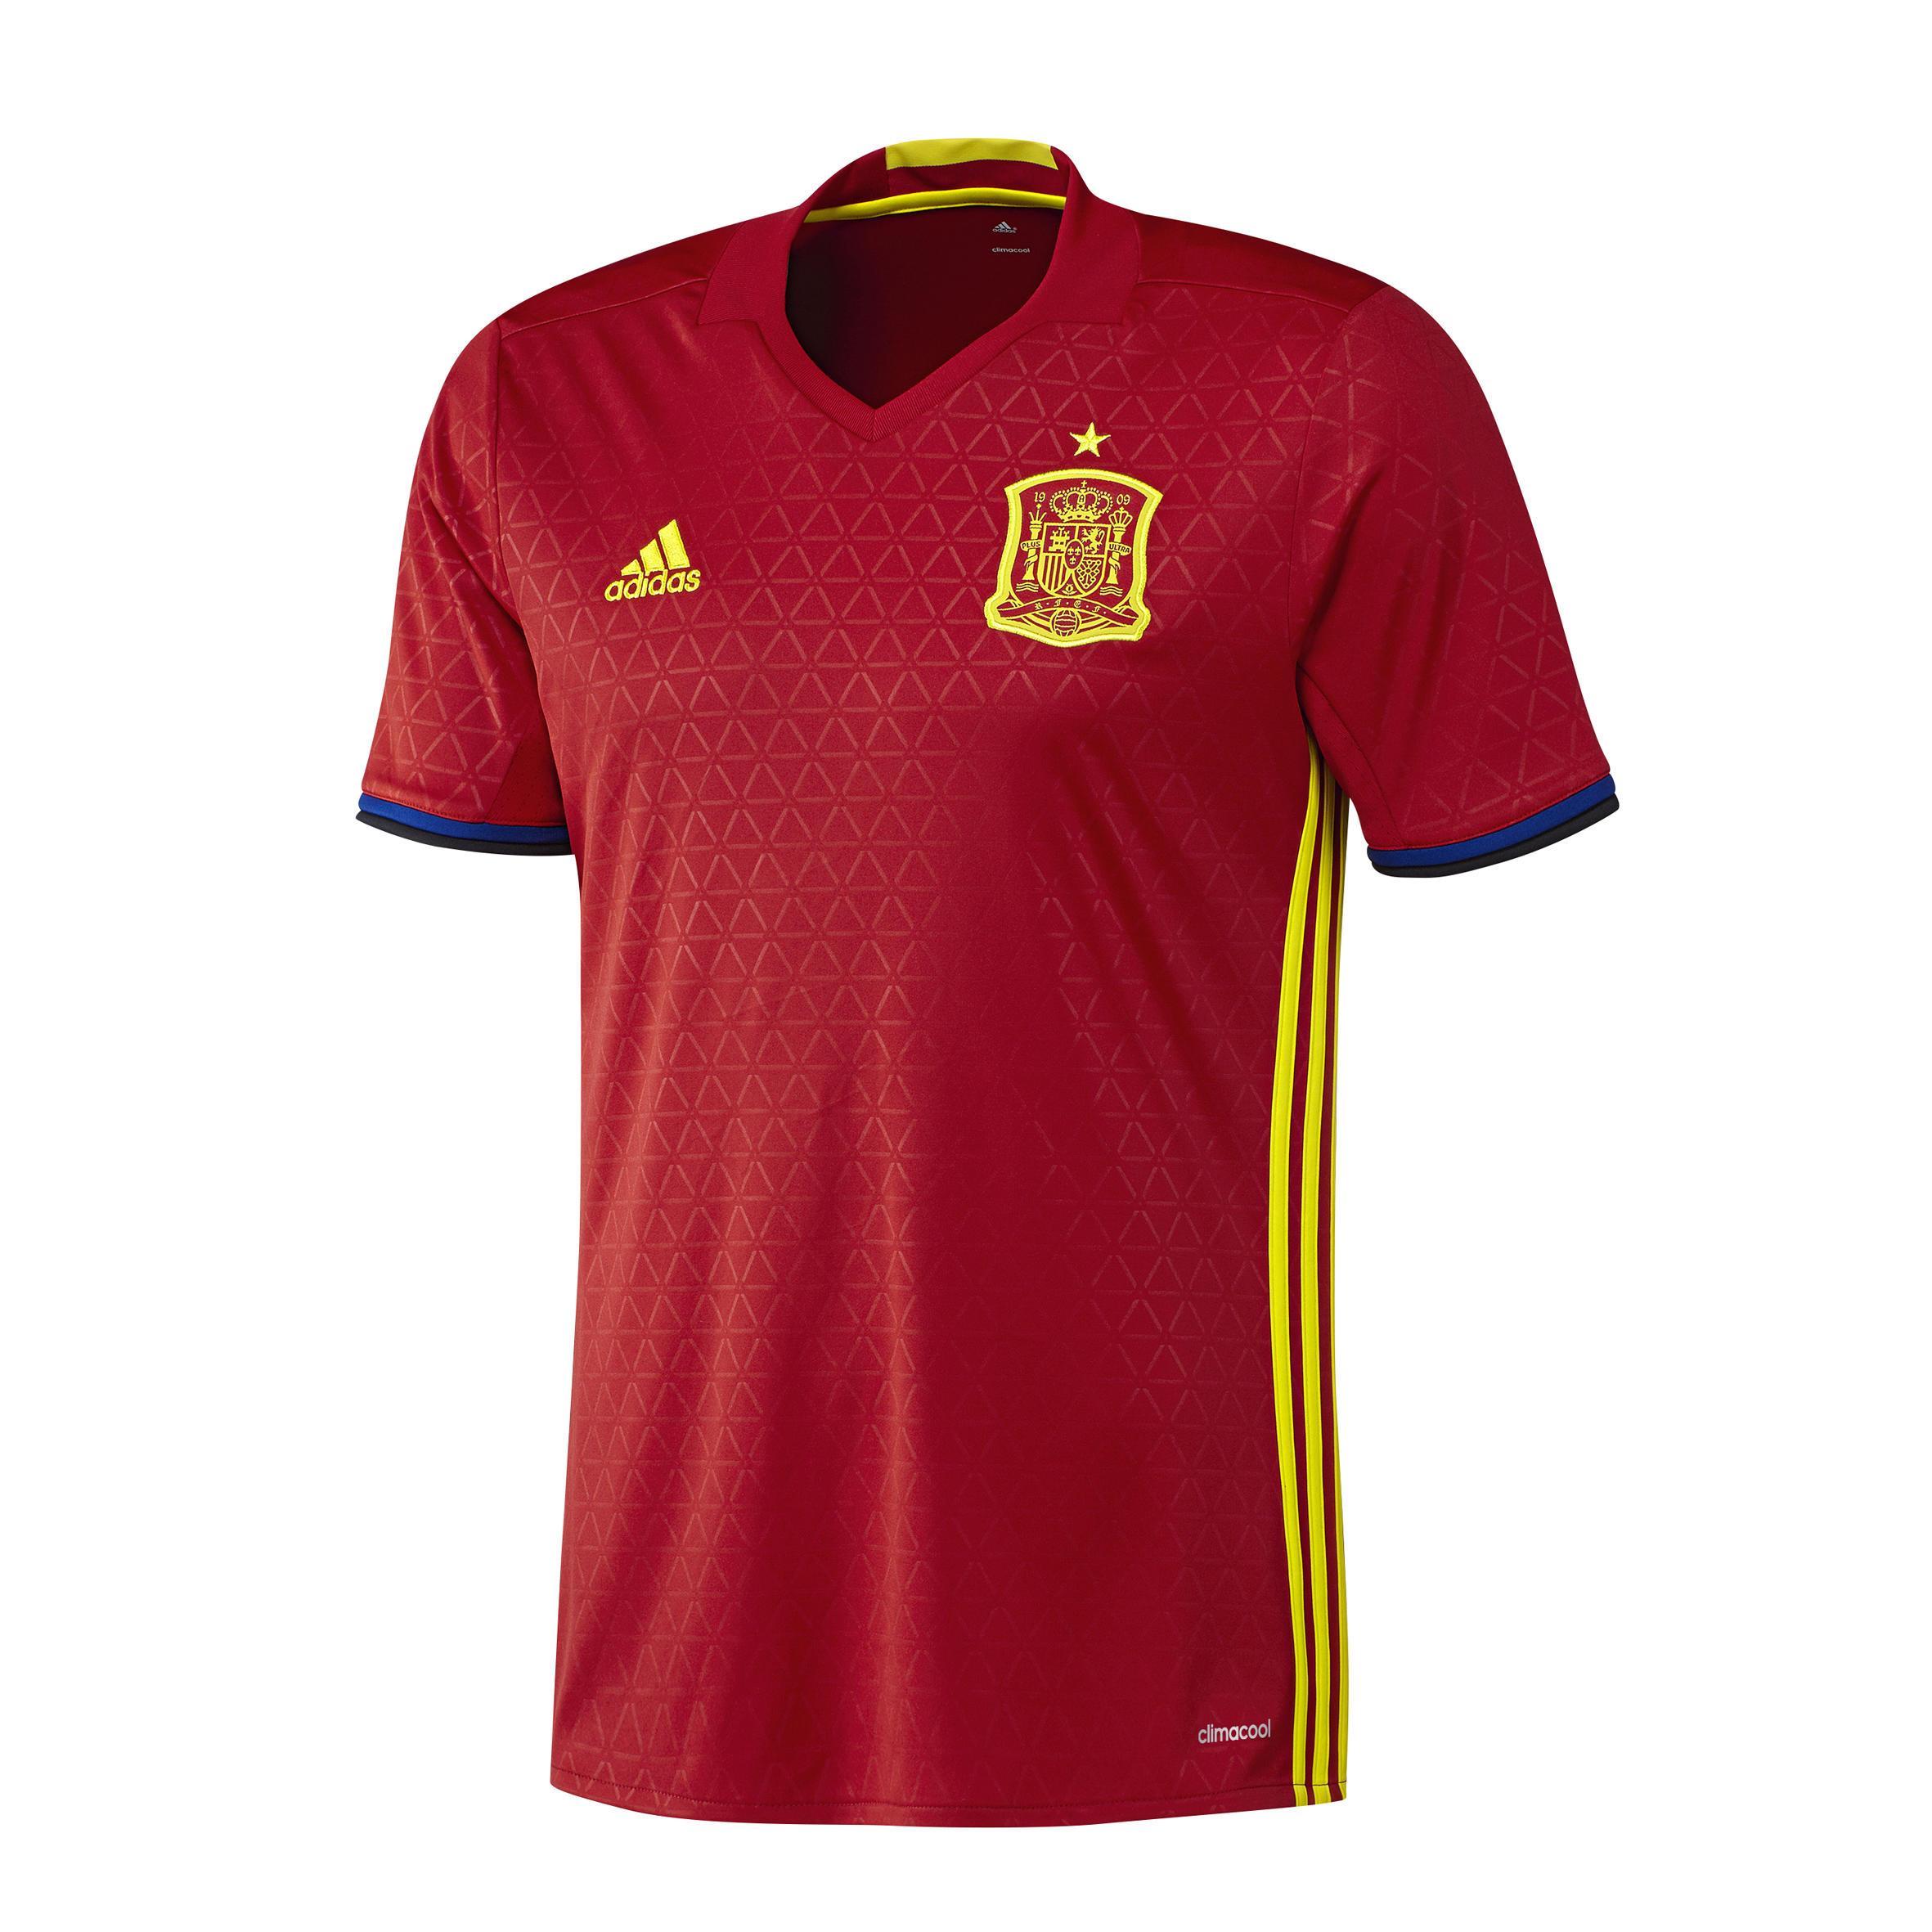 Voetbalshirt replica thuisshirt Spanje 2016 voor kinderen